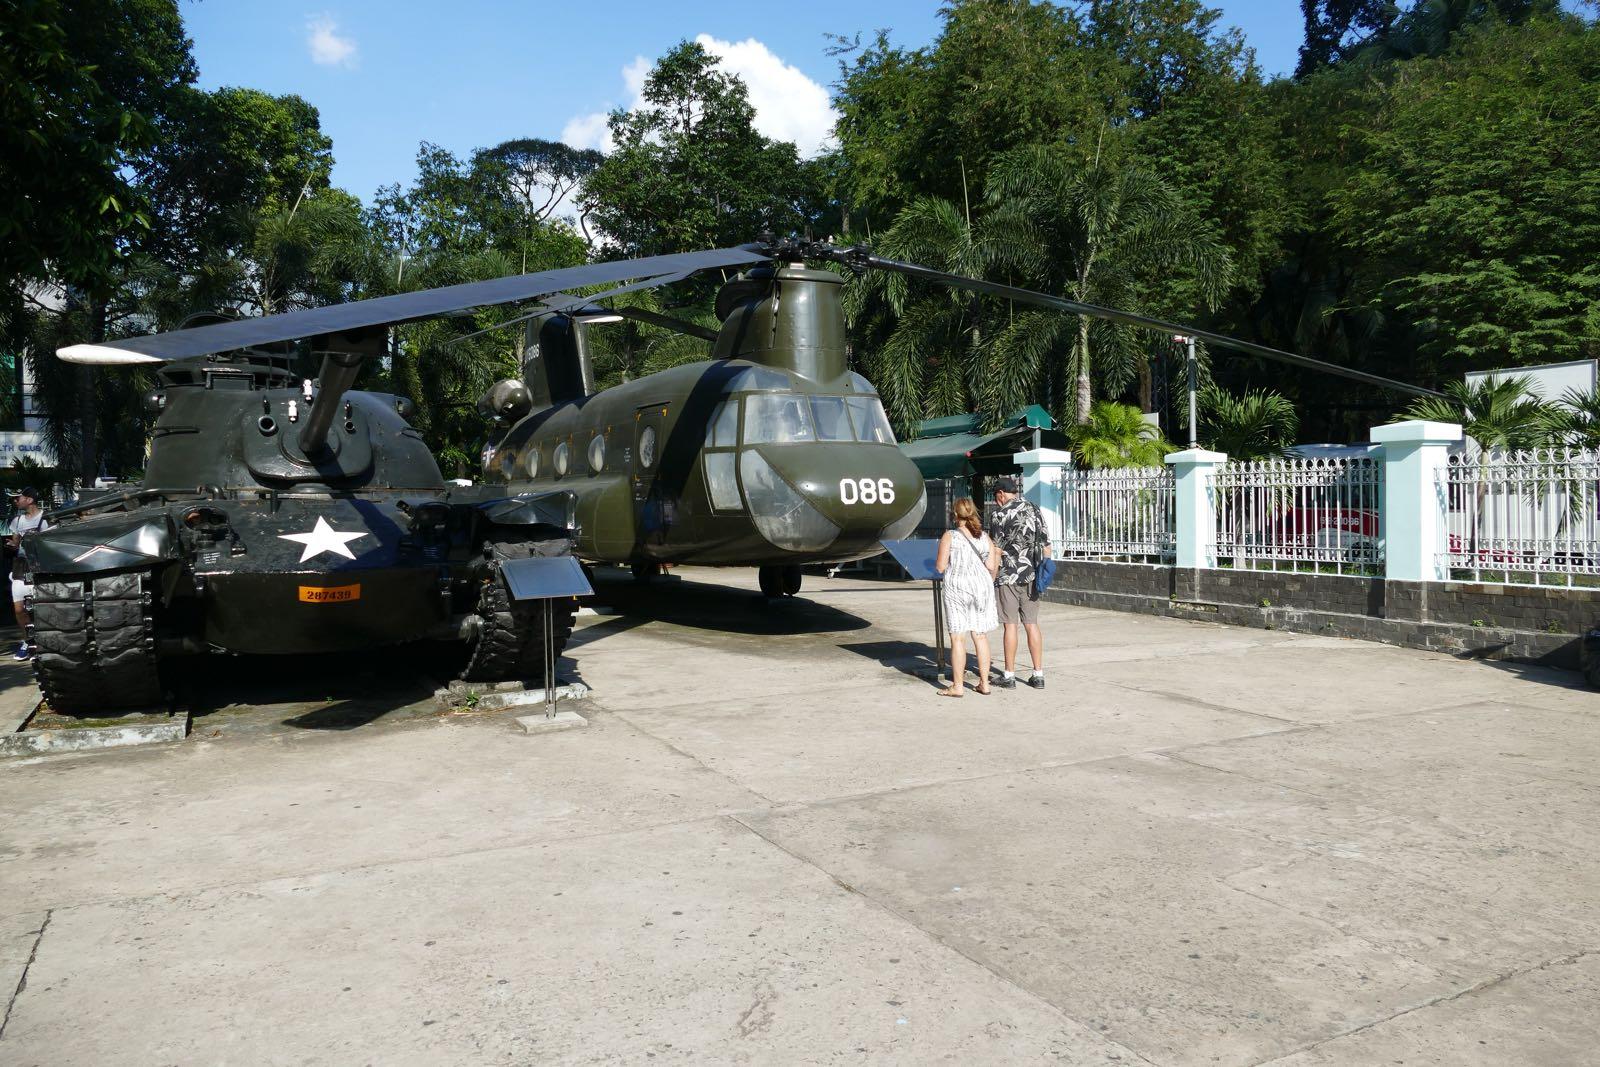 Amerikanische Hubschrauber im Kriegsopfer-Museum